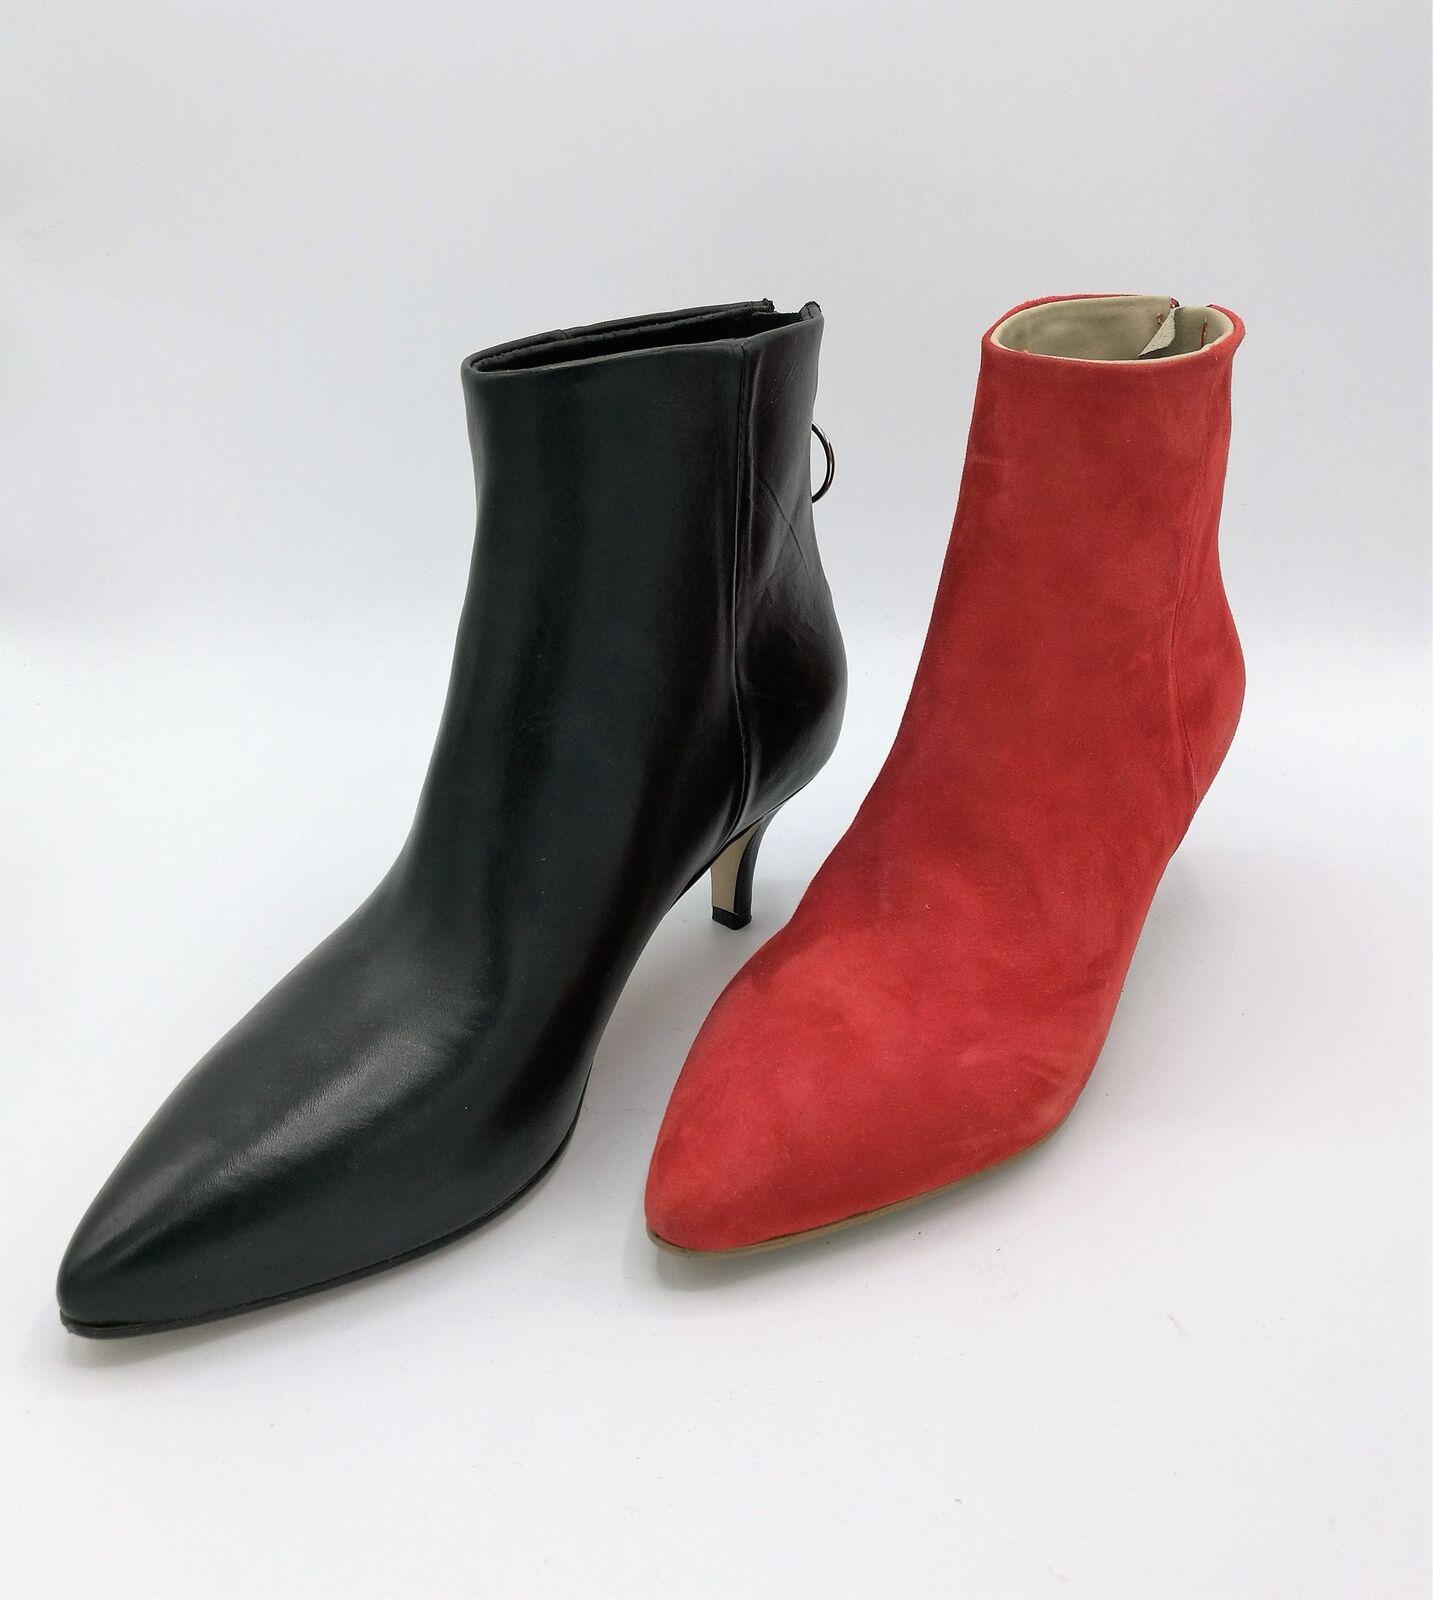 Debutto Donna 6001 stivaletto pelle nero / camoscio rosso tacco 5 cm